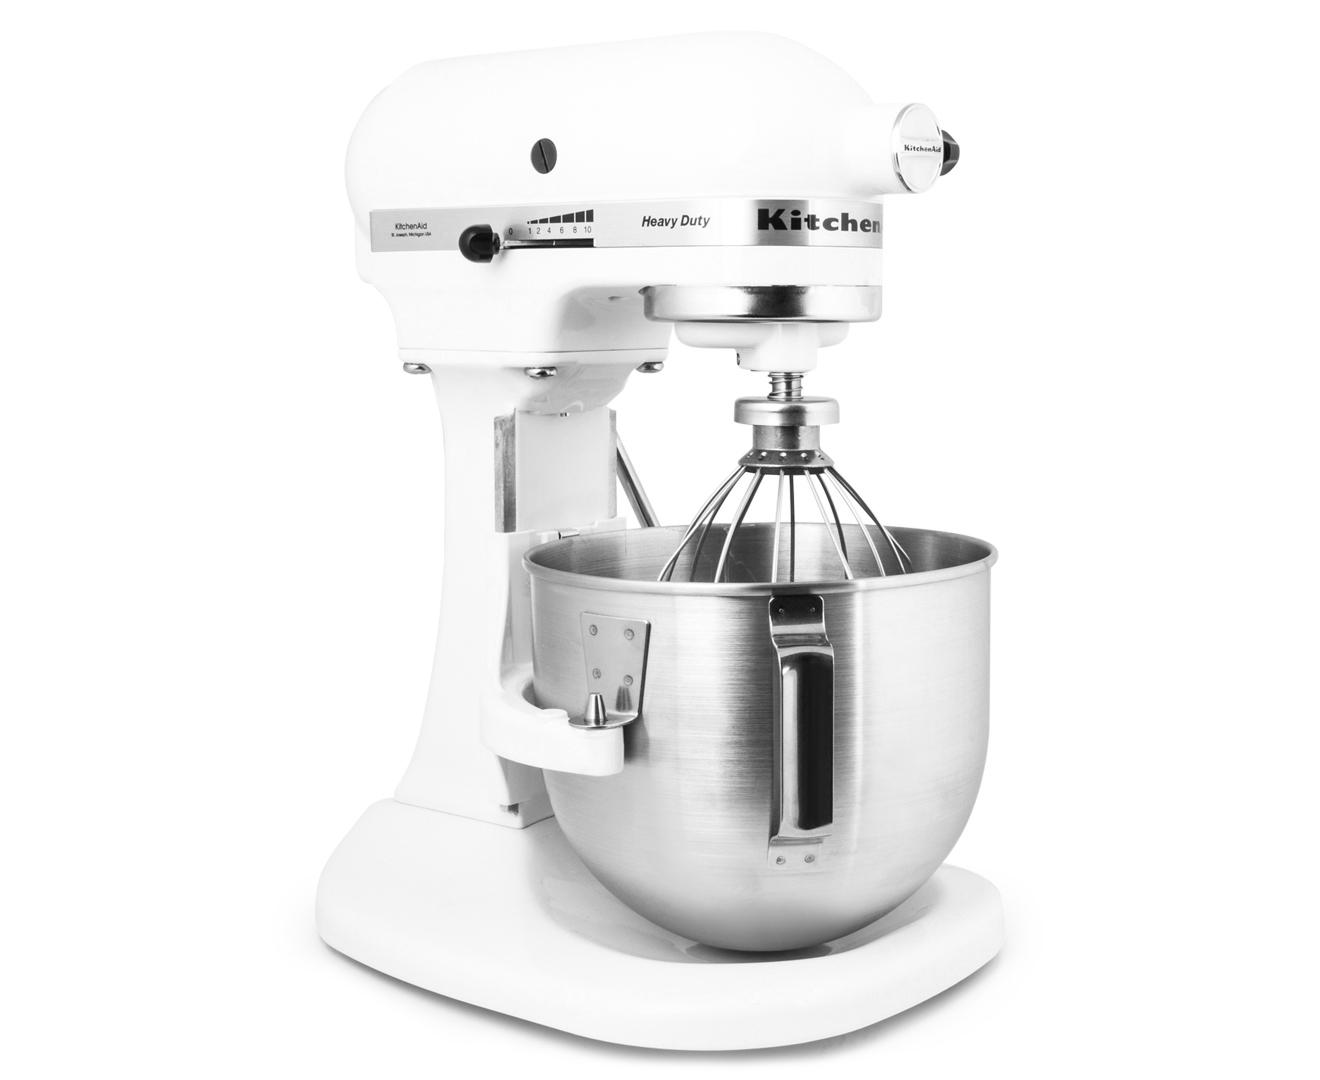 Kitchenaid K5ss Bowl Lift Stand Mixer Refurb White